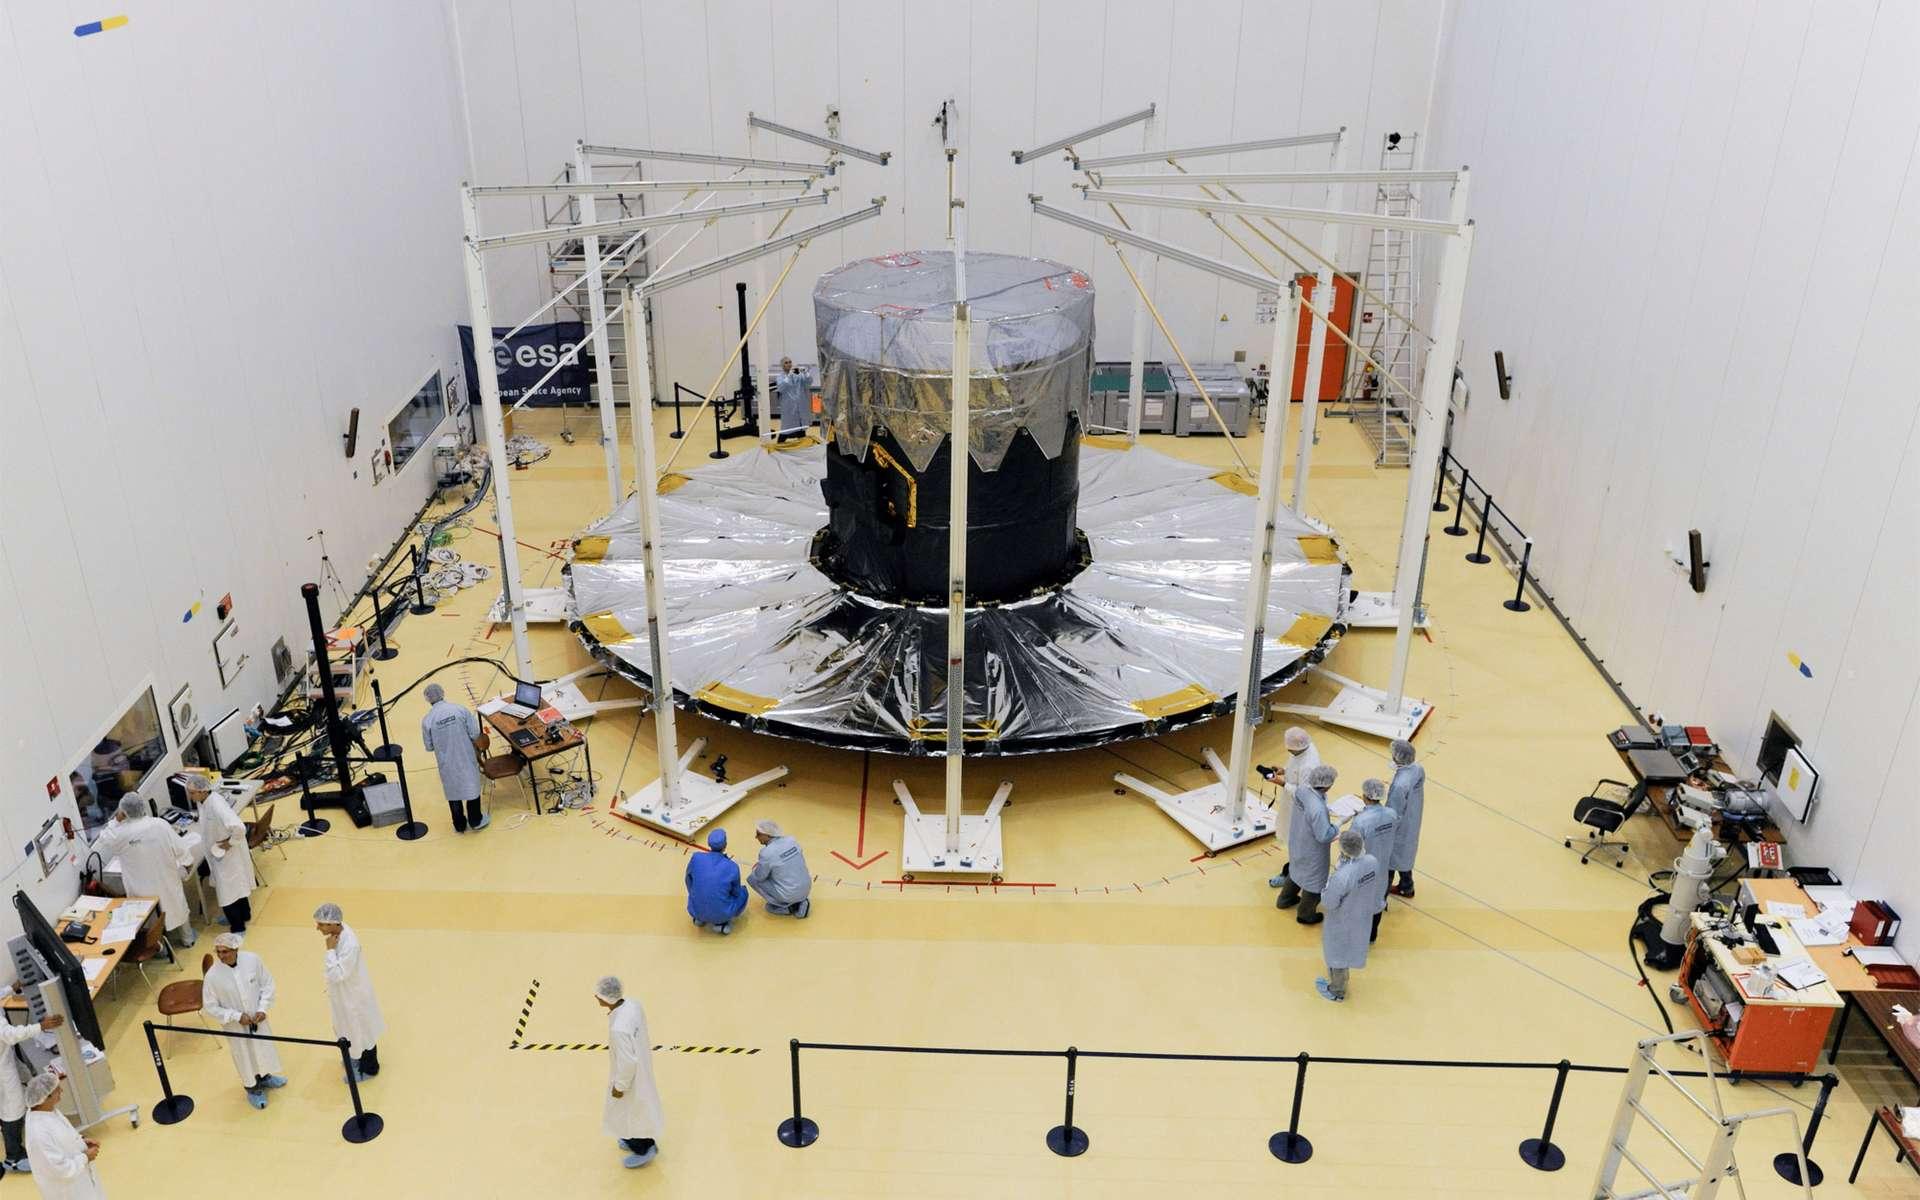 Le satellite Gaia dans sa configuration opérationnelle, bouclier thermique déployé. © M. Pedoussaut, Esa